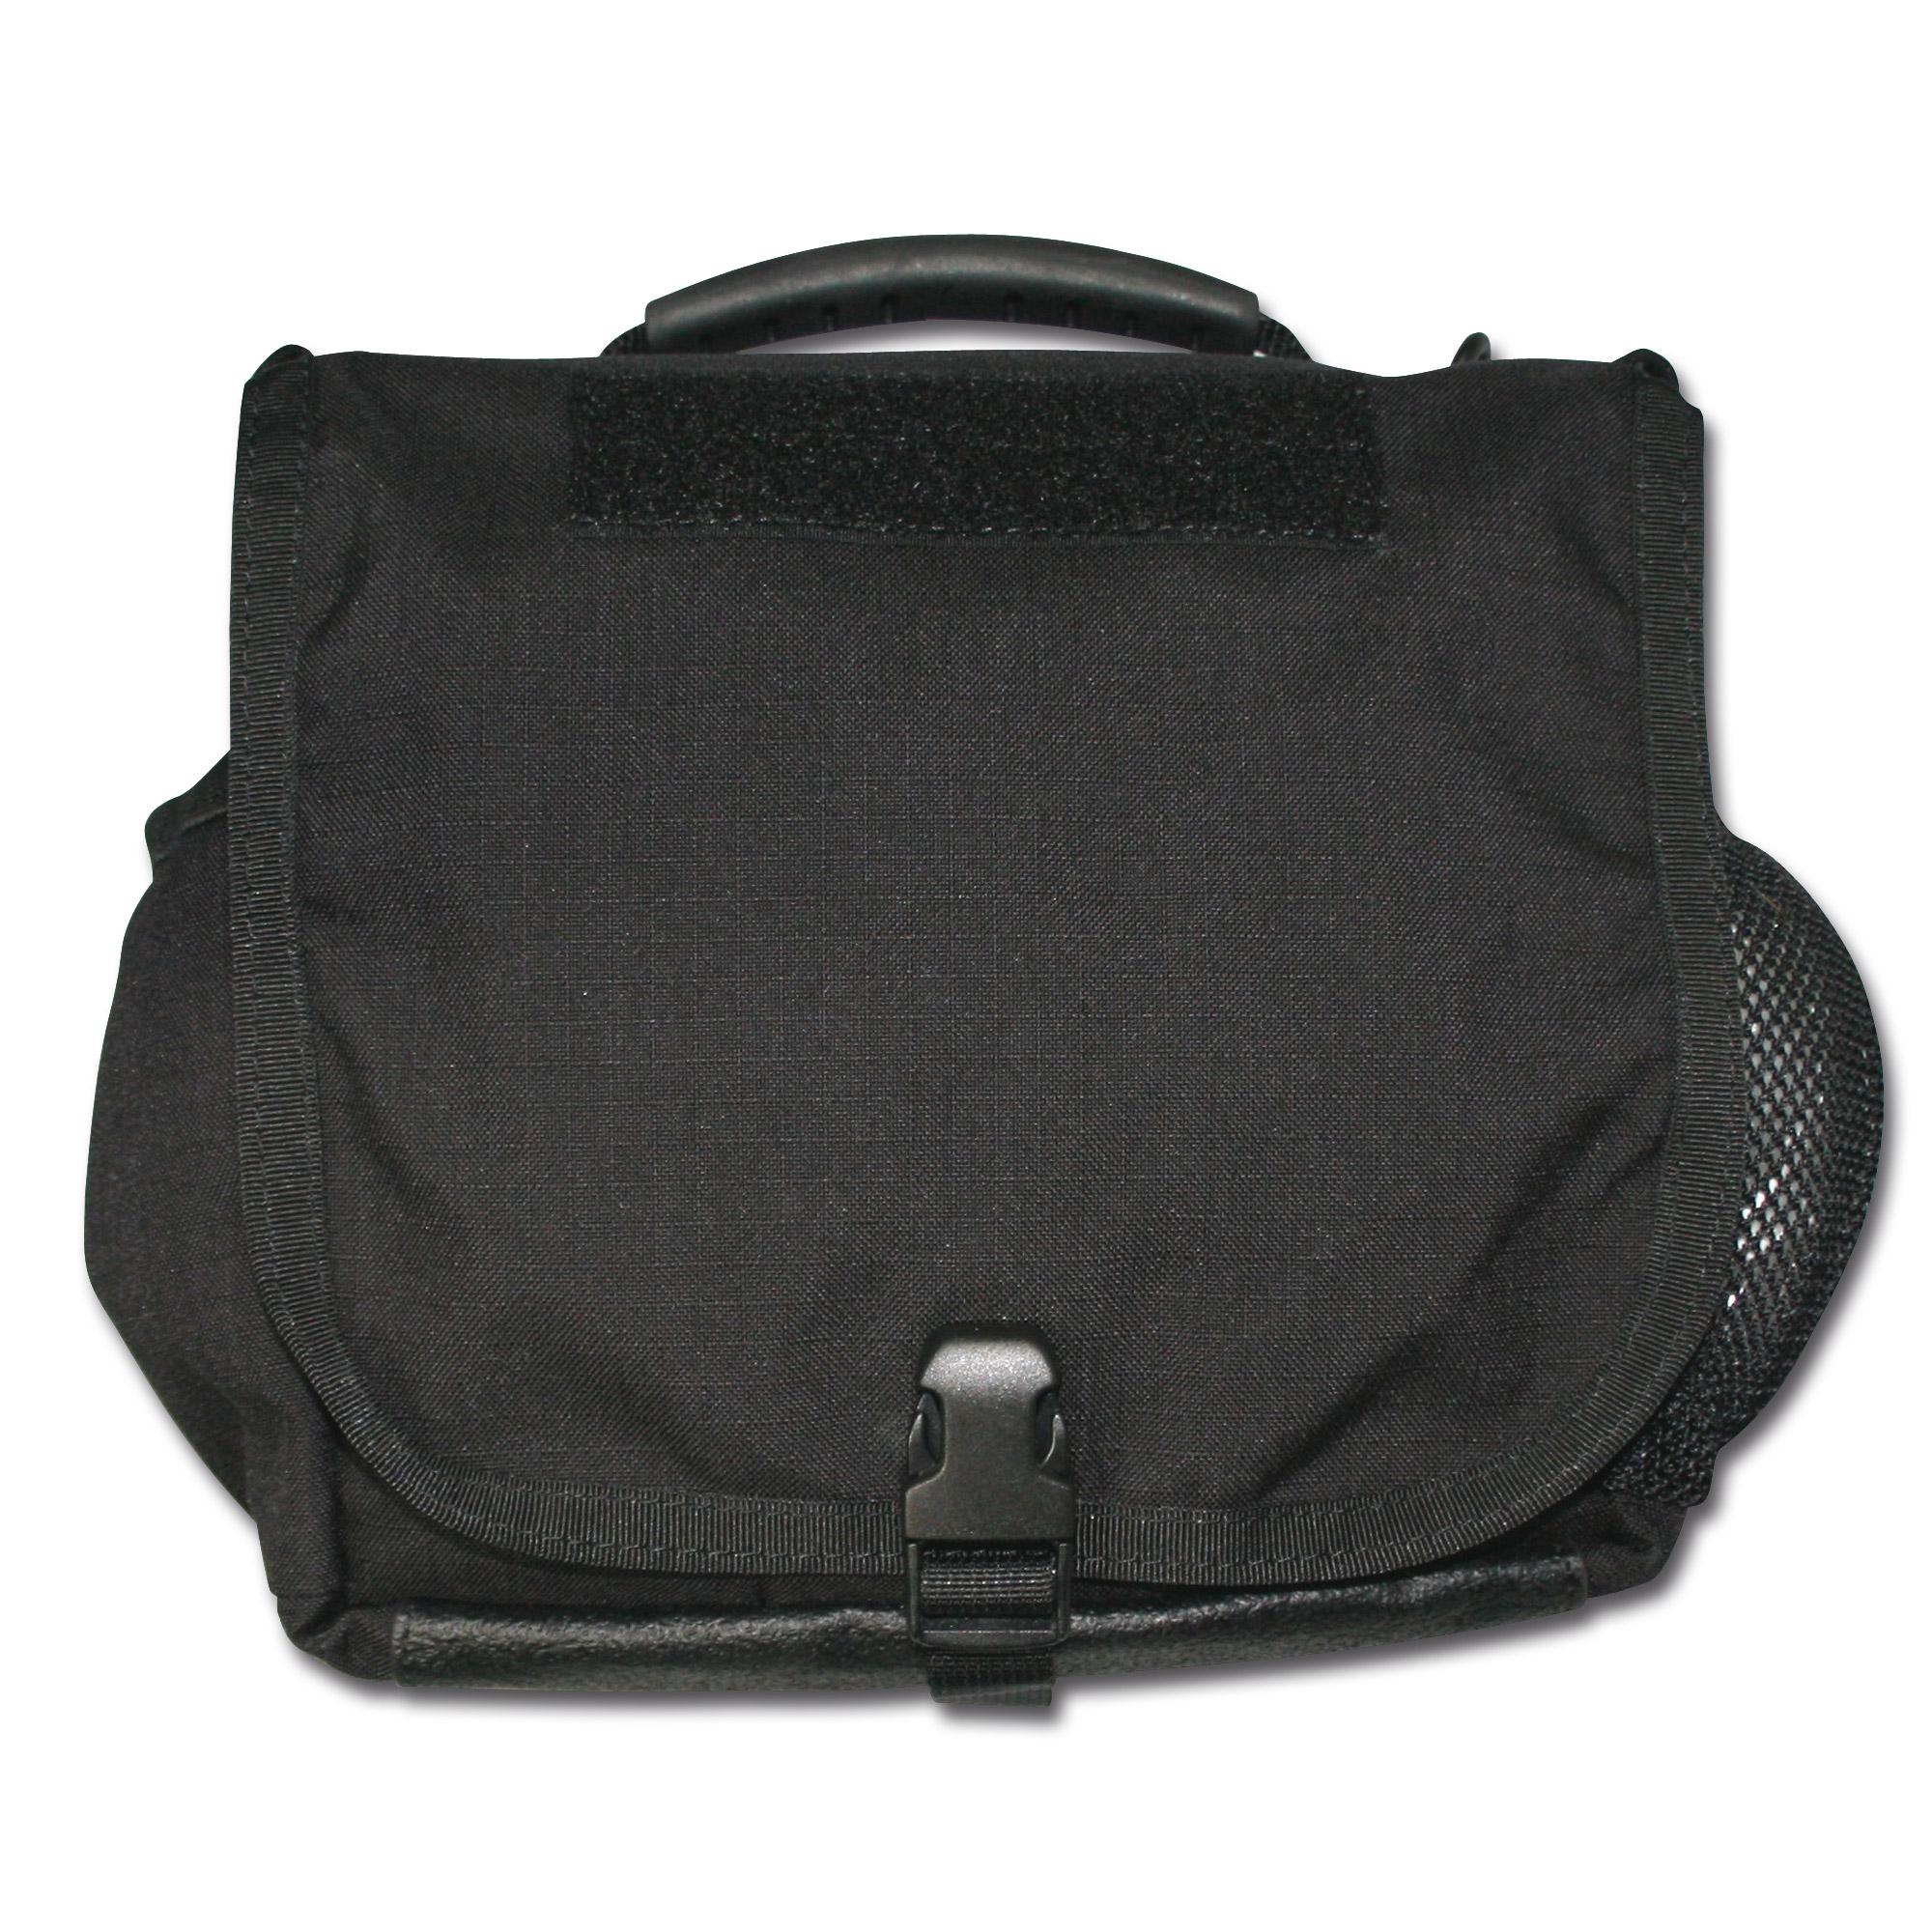 Blackhawk Tactical Handbag negra